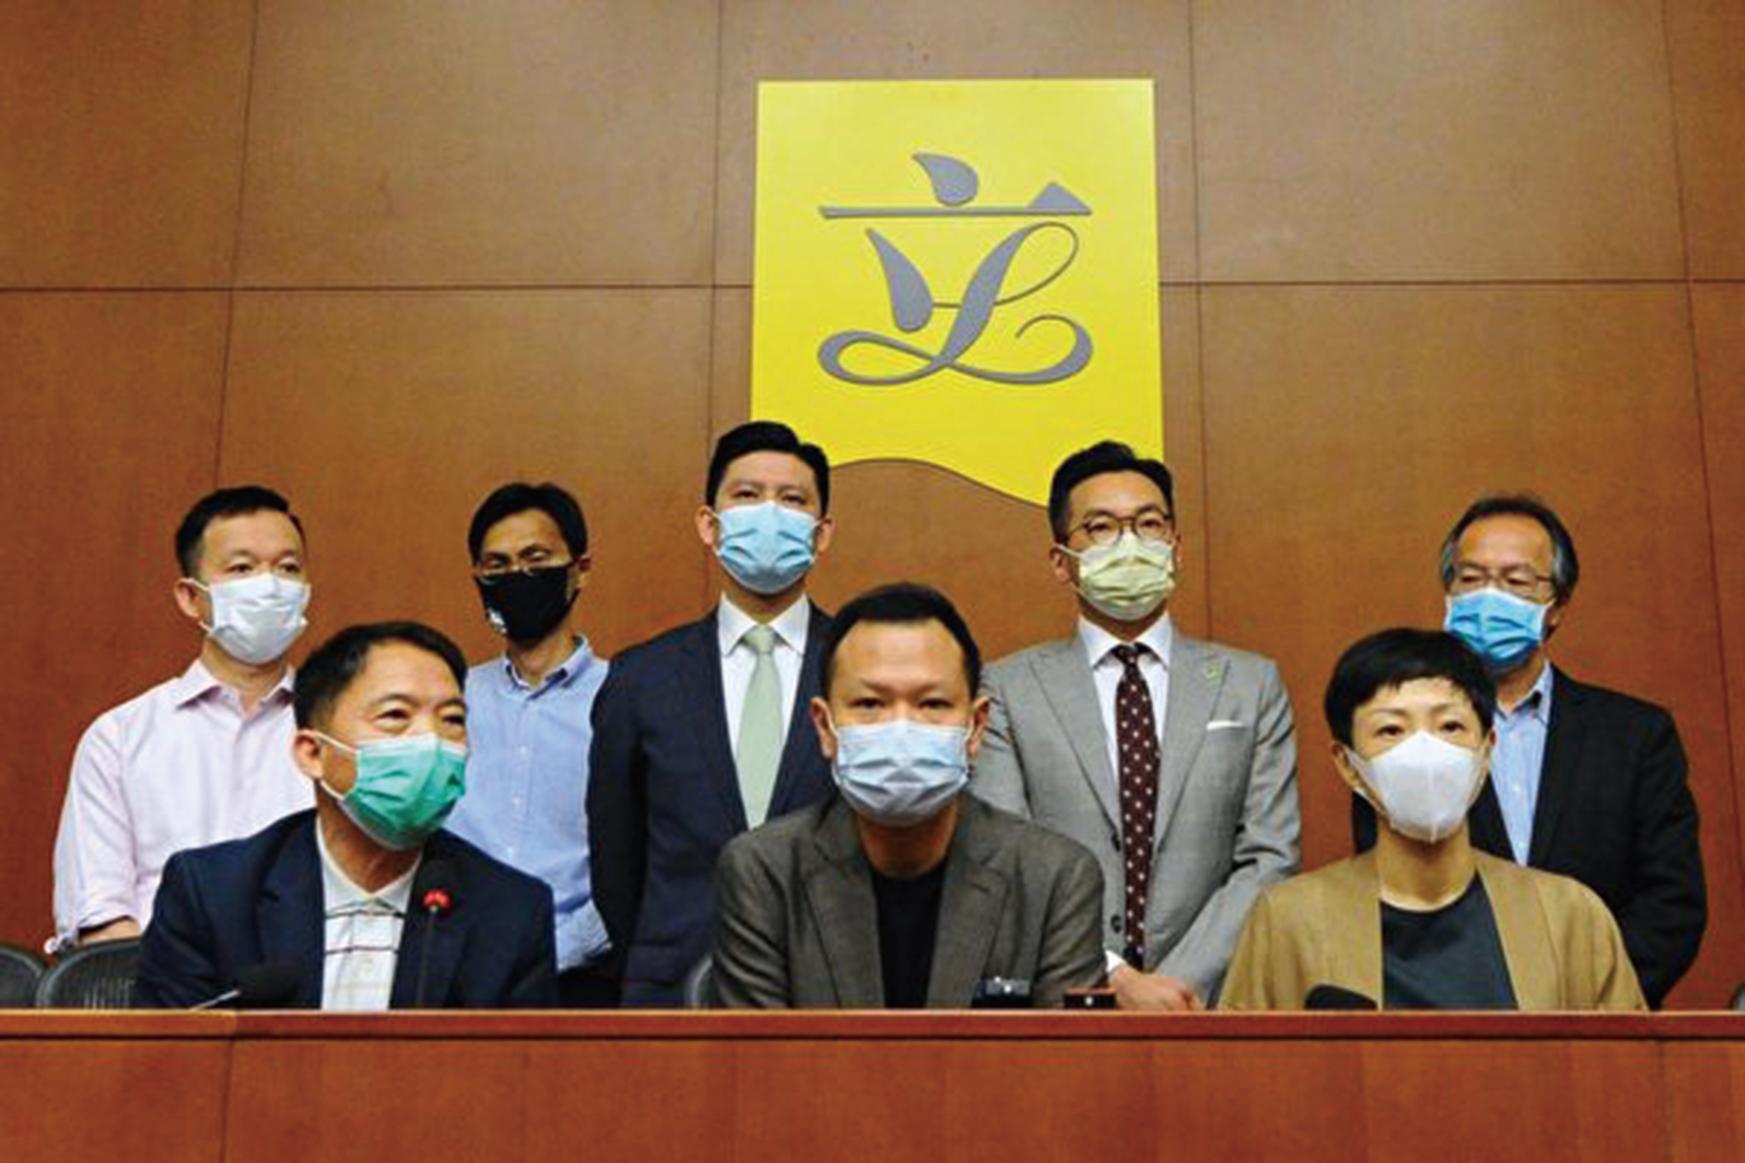 原香港泛民派議員4月21日在立法會召開記者會,郭榮鏗(前排中)曾表示,如果可為香港人爭取民主自由和捍衛法治,因而被取消議員資格,這是他一生的光榮。(宋碧龍/大紀元)